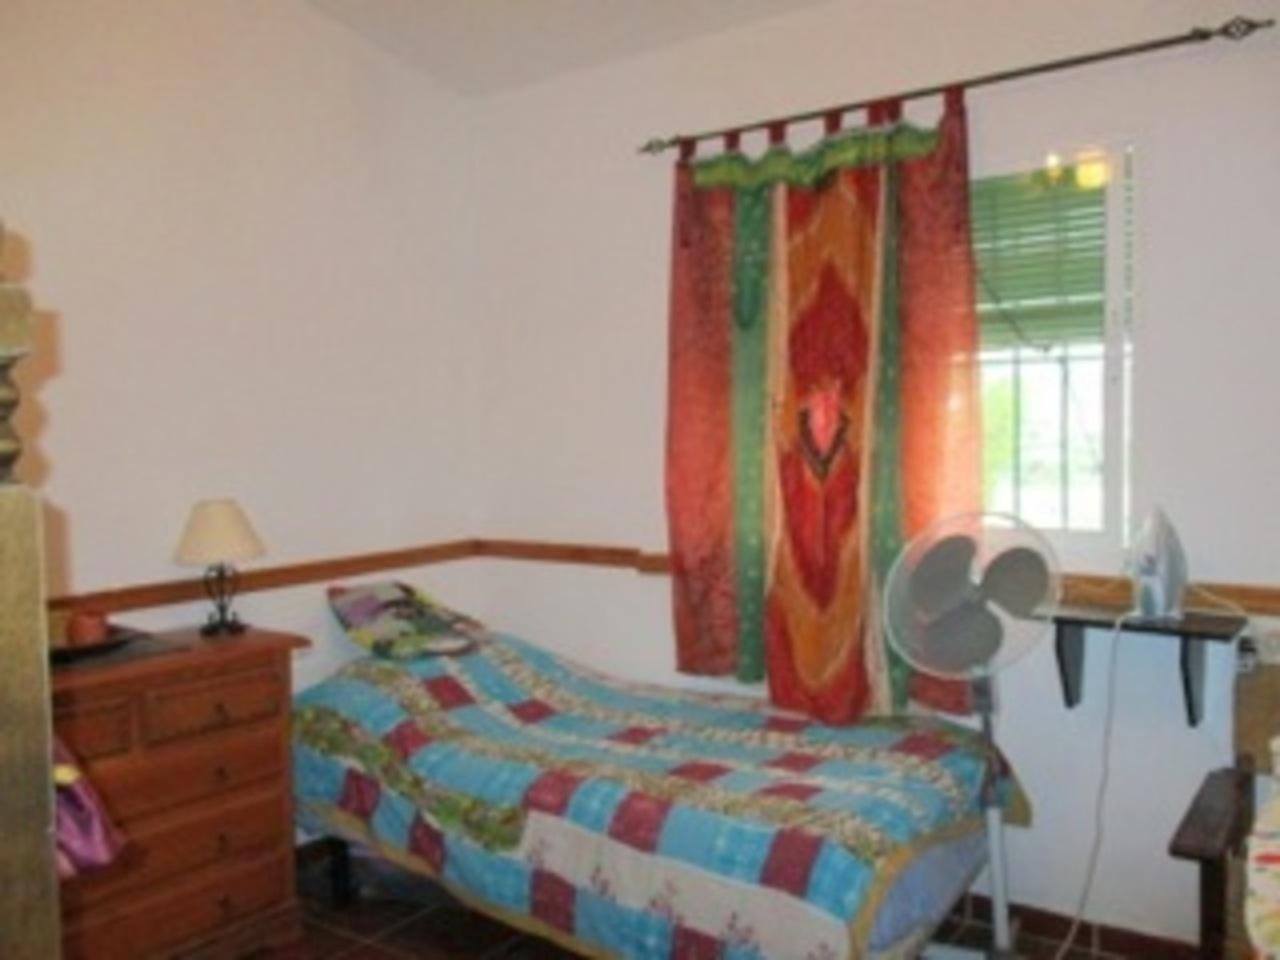 Ref: APA43 6 Bedrooms Price 225,000 Euros